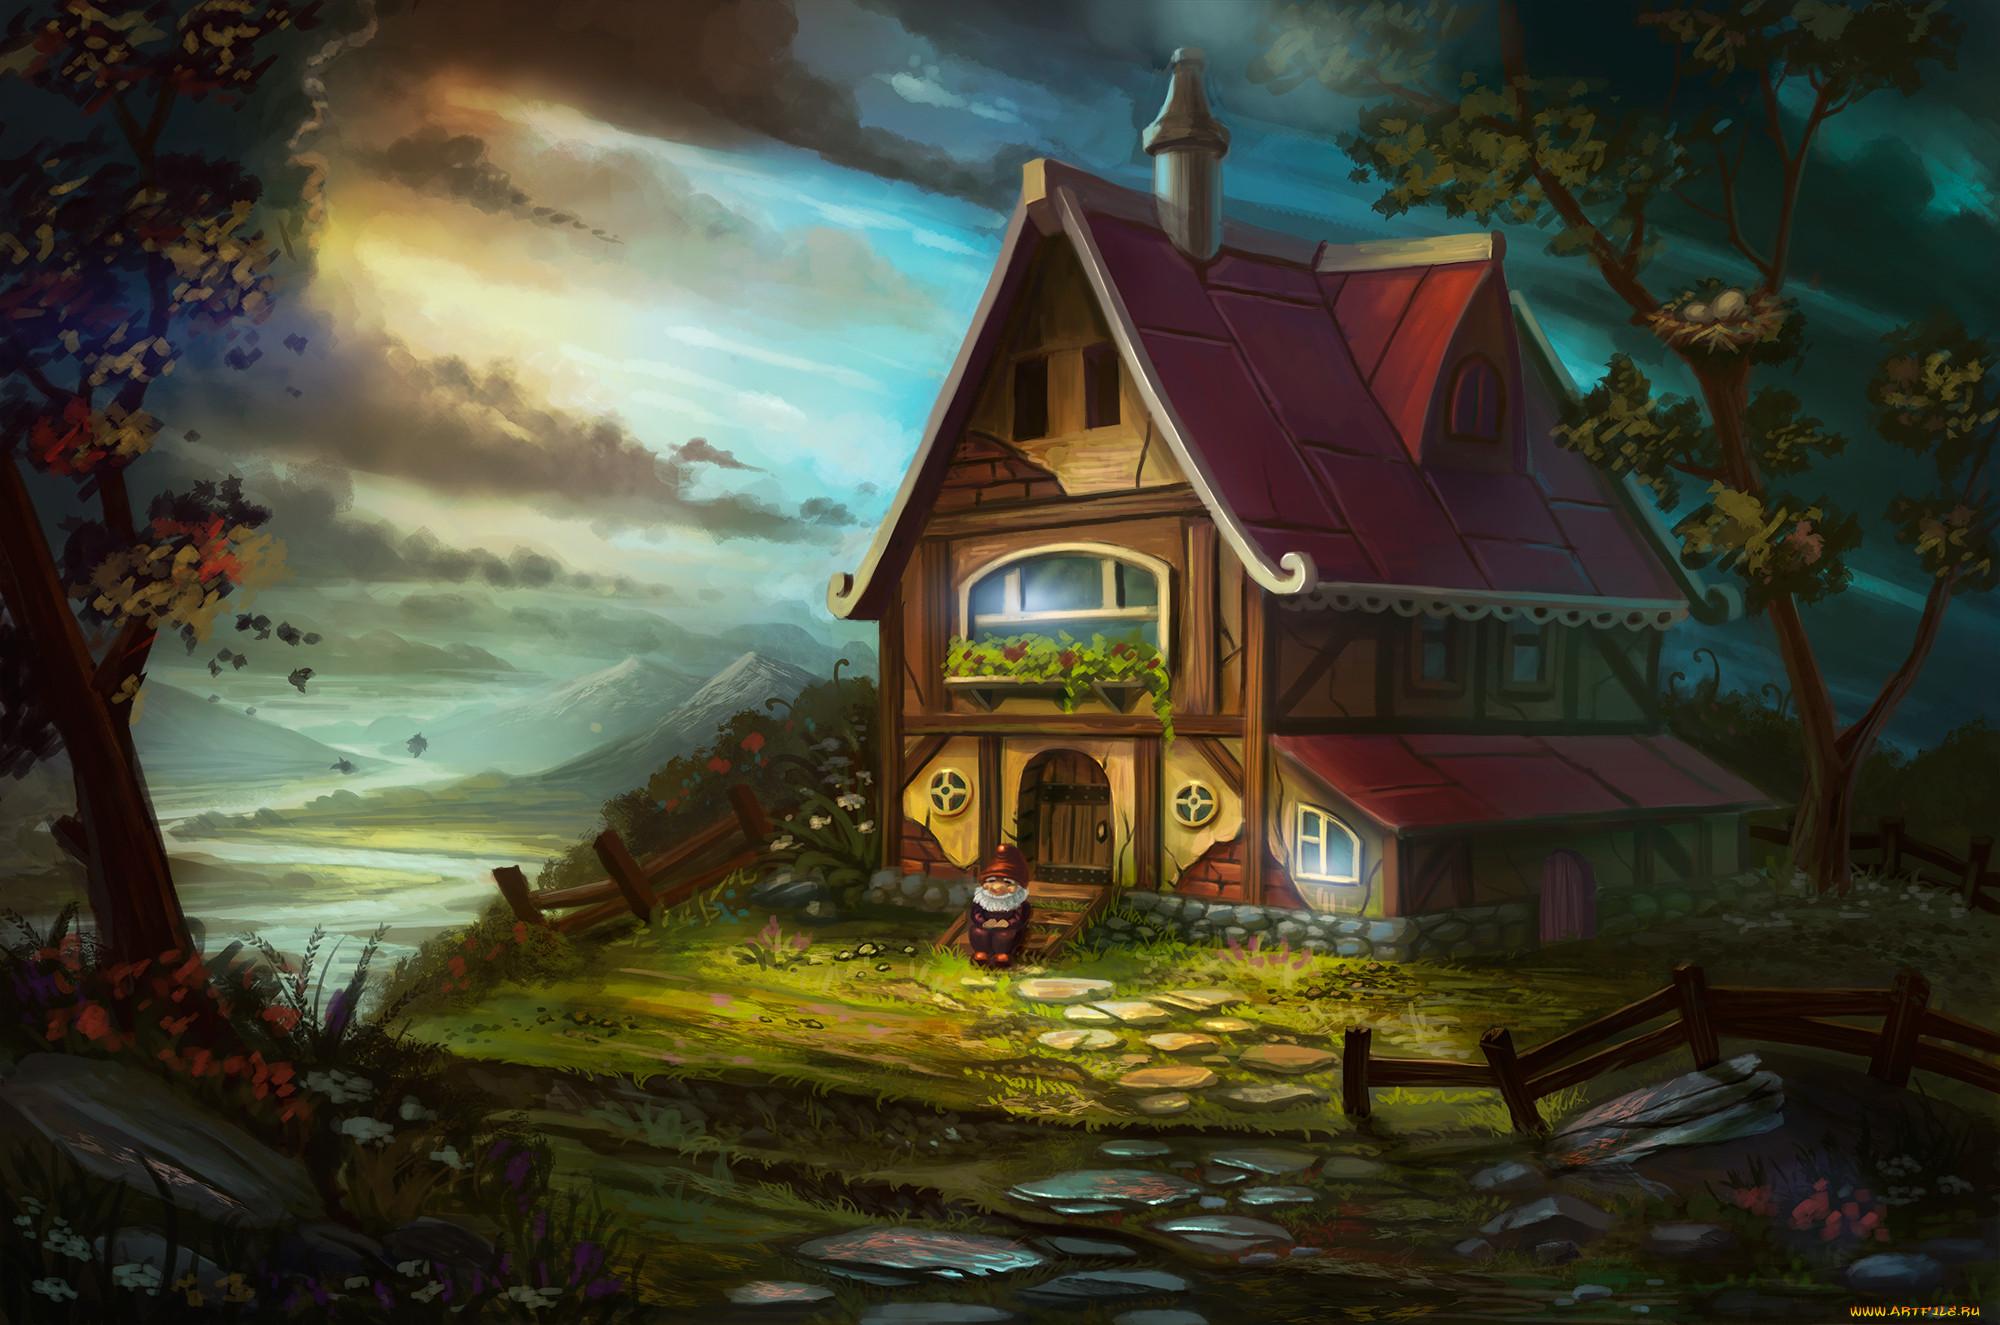 Картинки про сказочные дома